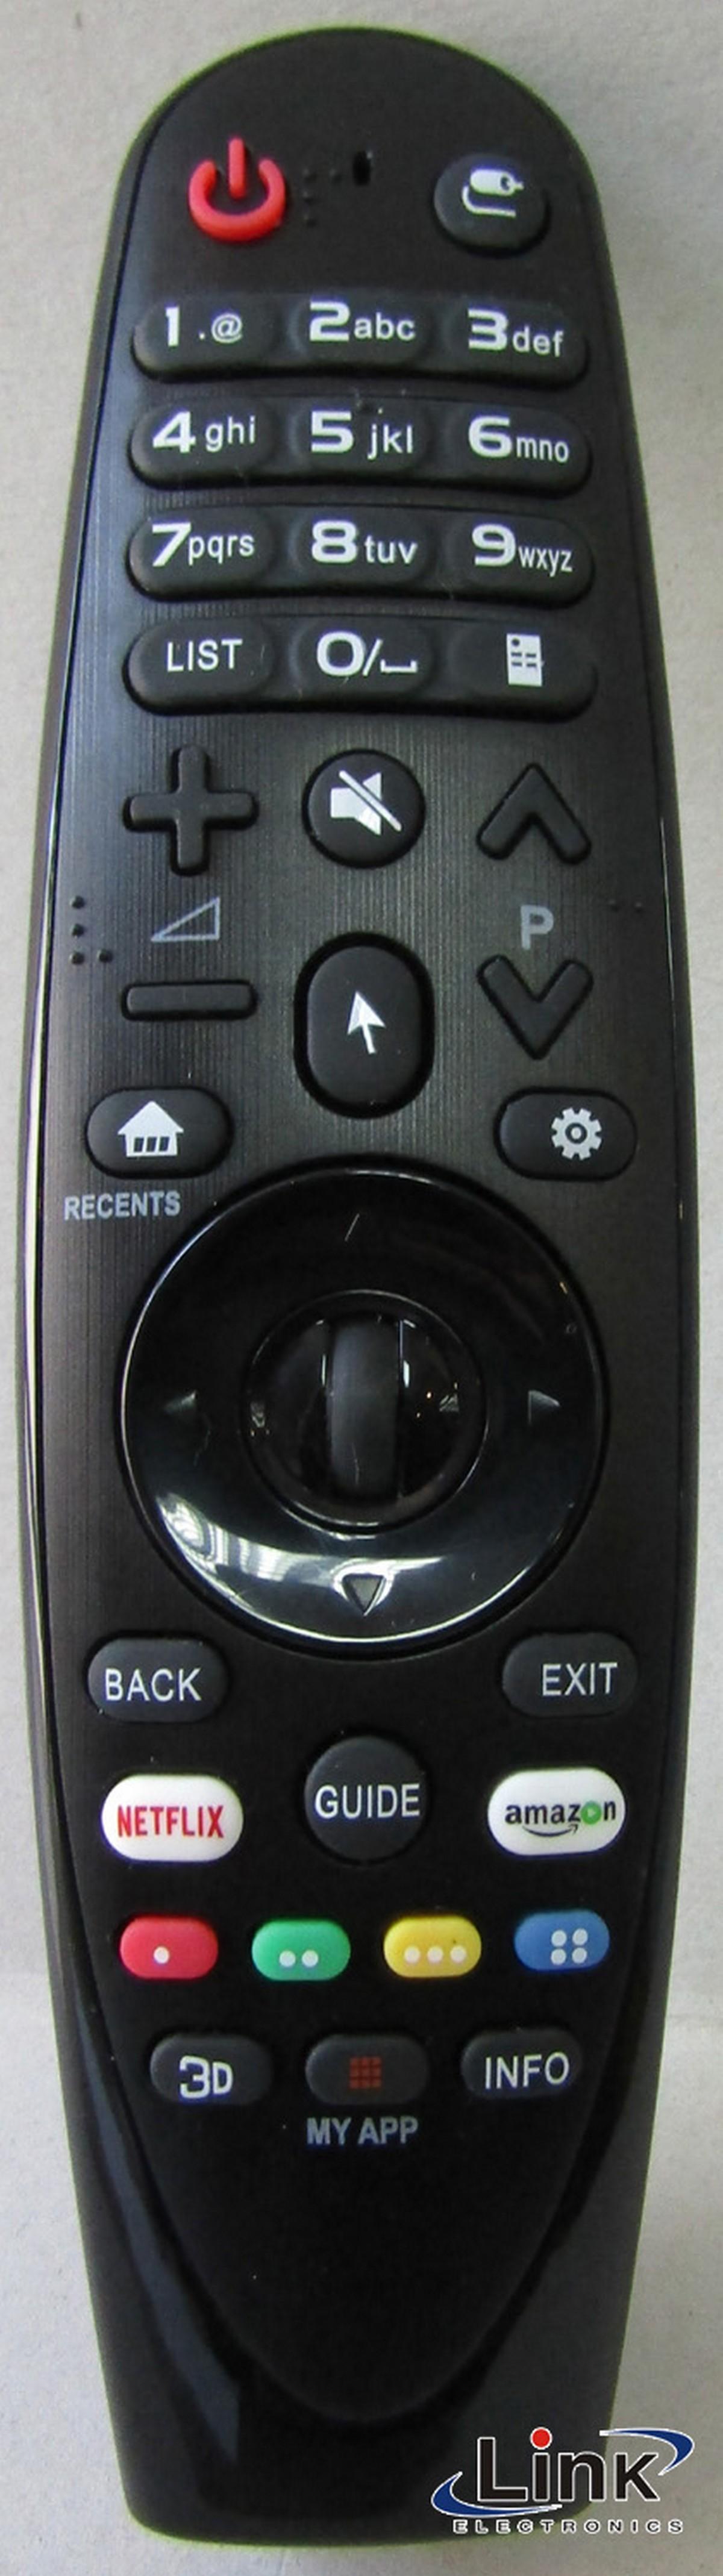 LG RM-G3900 MAGIC